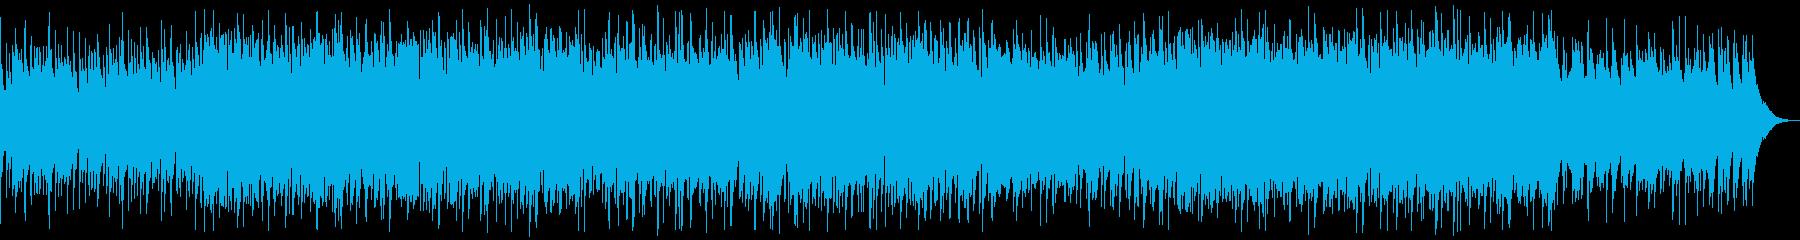 ウクレレと口笛の元気な楽曲の再生済みの波形